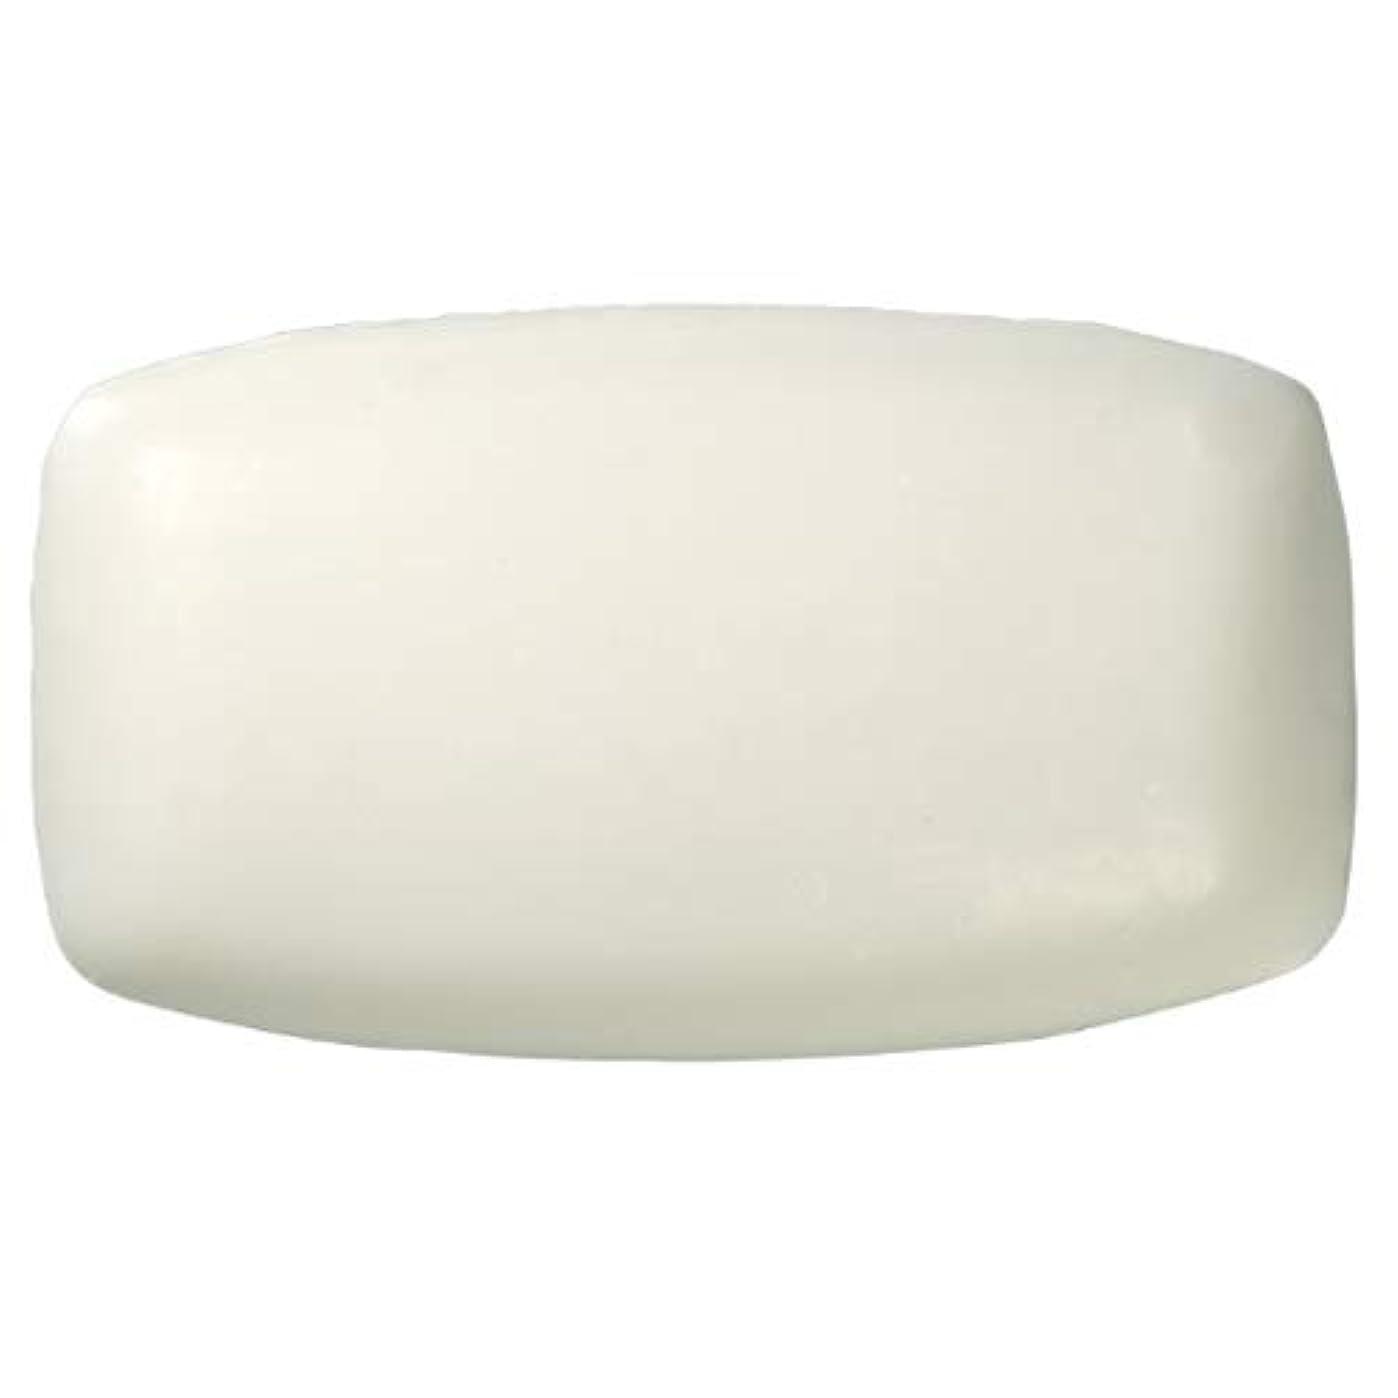 解く分布賢いフィードソープ(FFID SOAP) 白袋(OP袋) 120g ×30個 | ホテルアメニティ 個包装